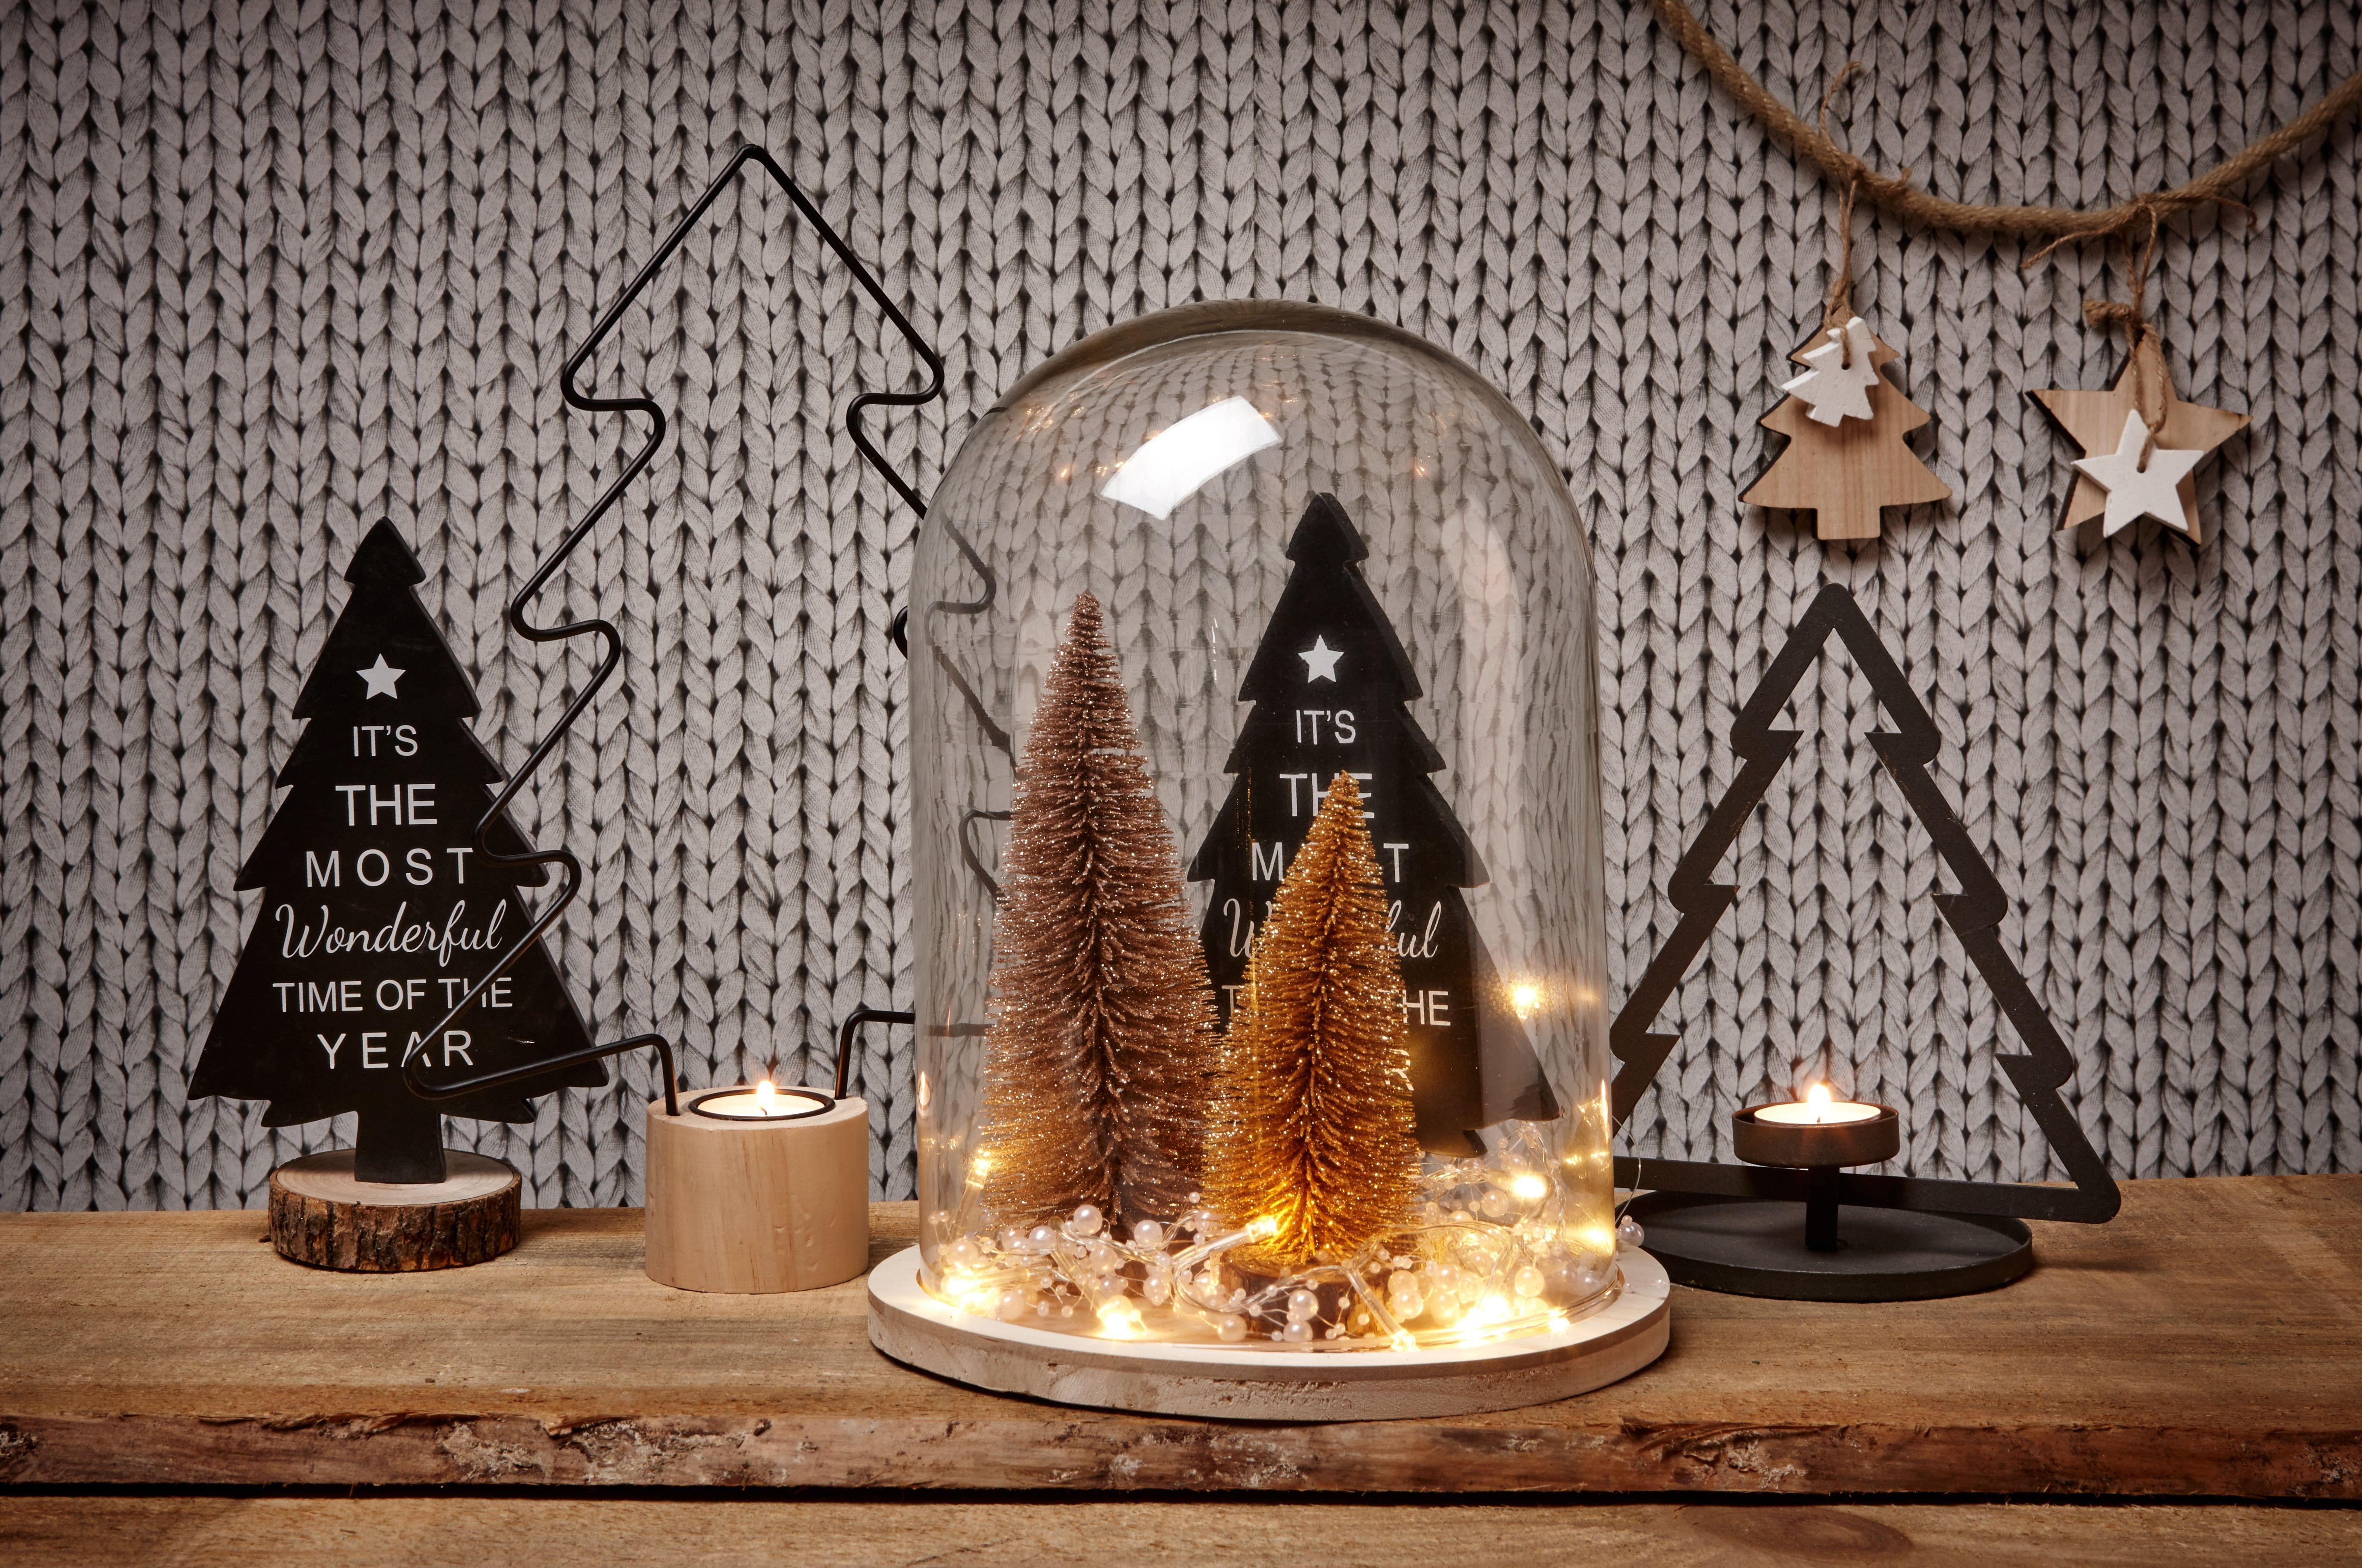 16x Neutrale Kerstdecoraties : Zet je kerstdecoratie en verlichting eens onder een stolp! #kerst